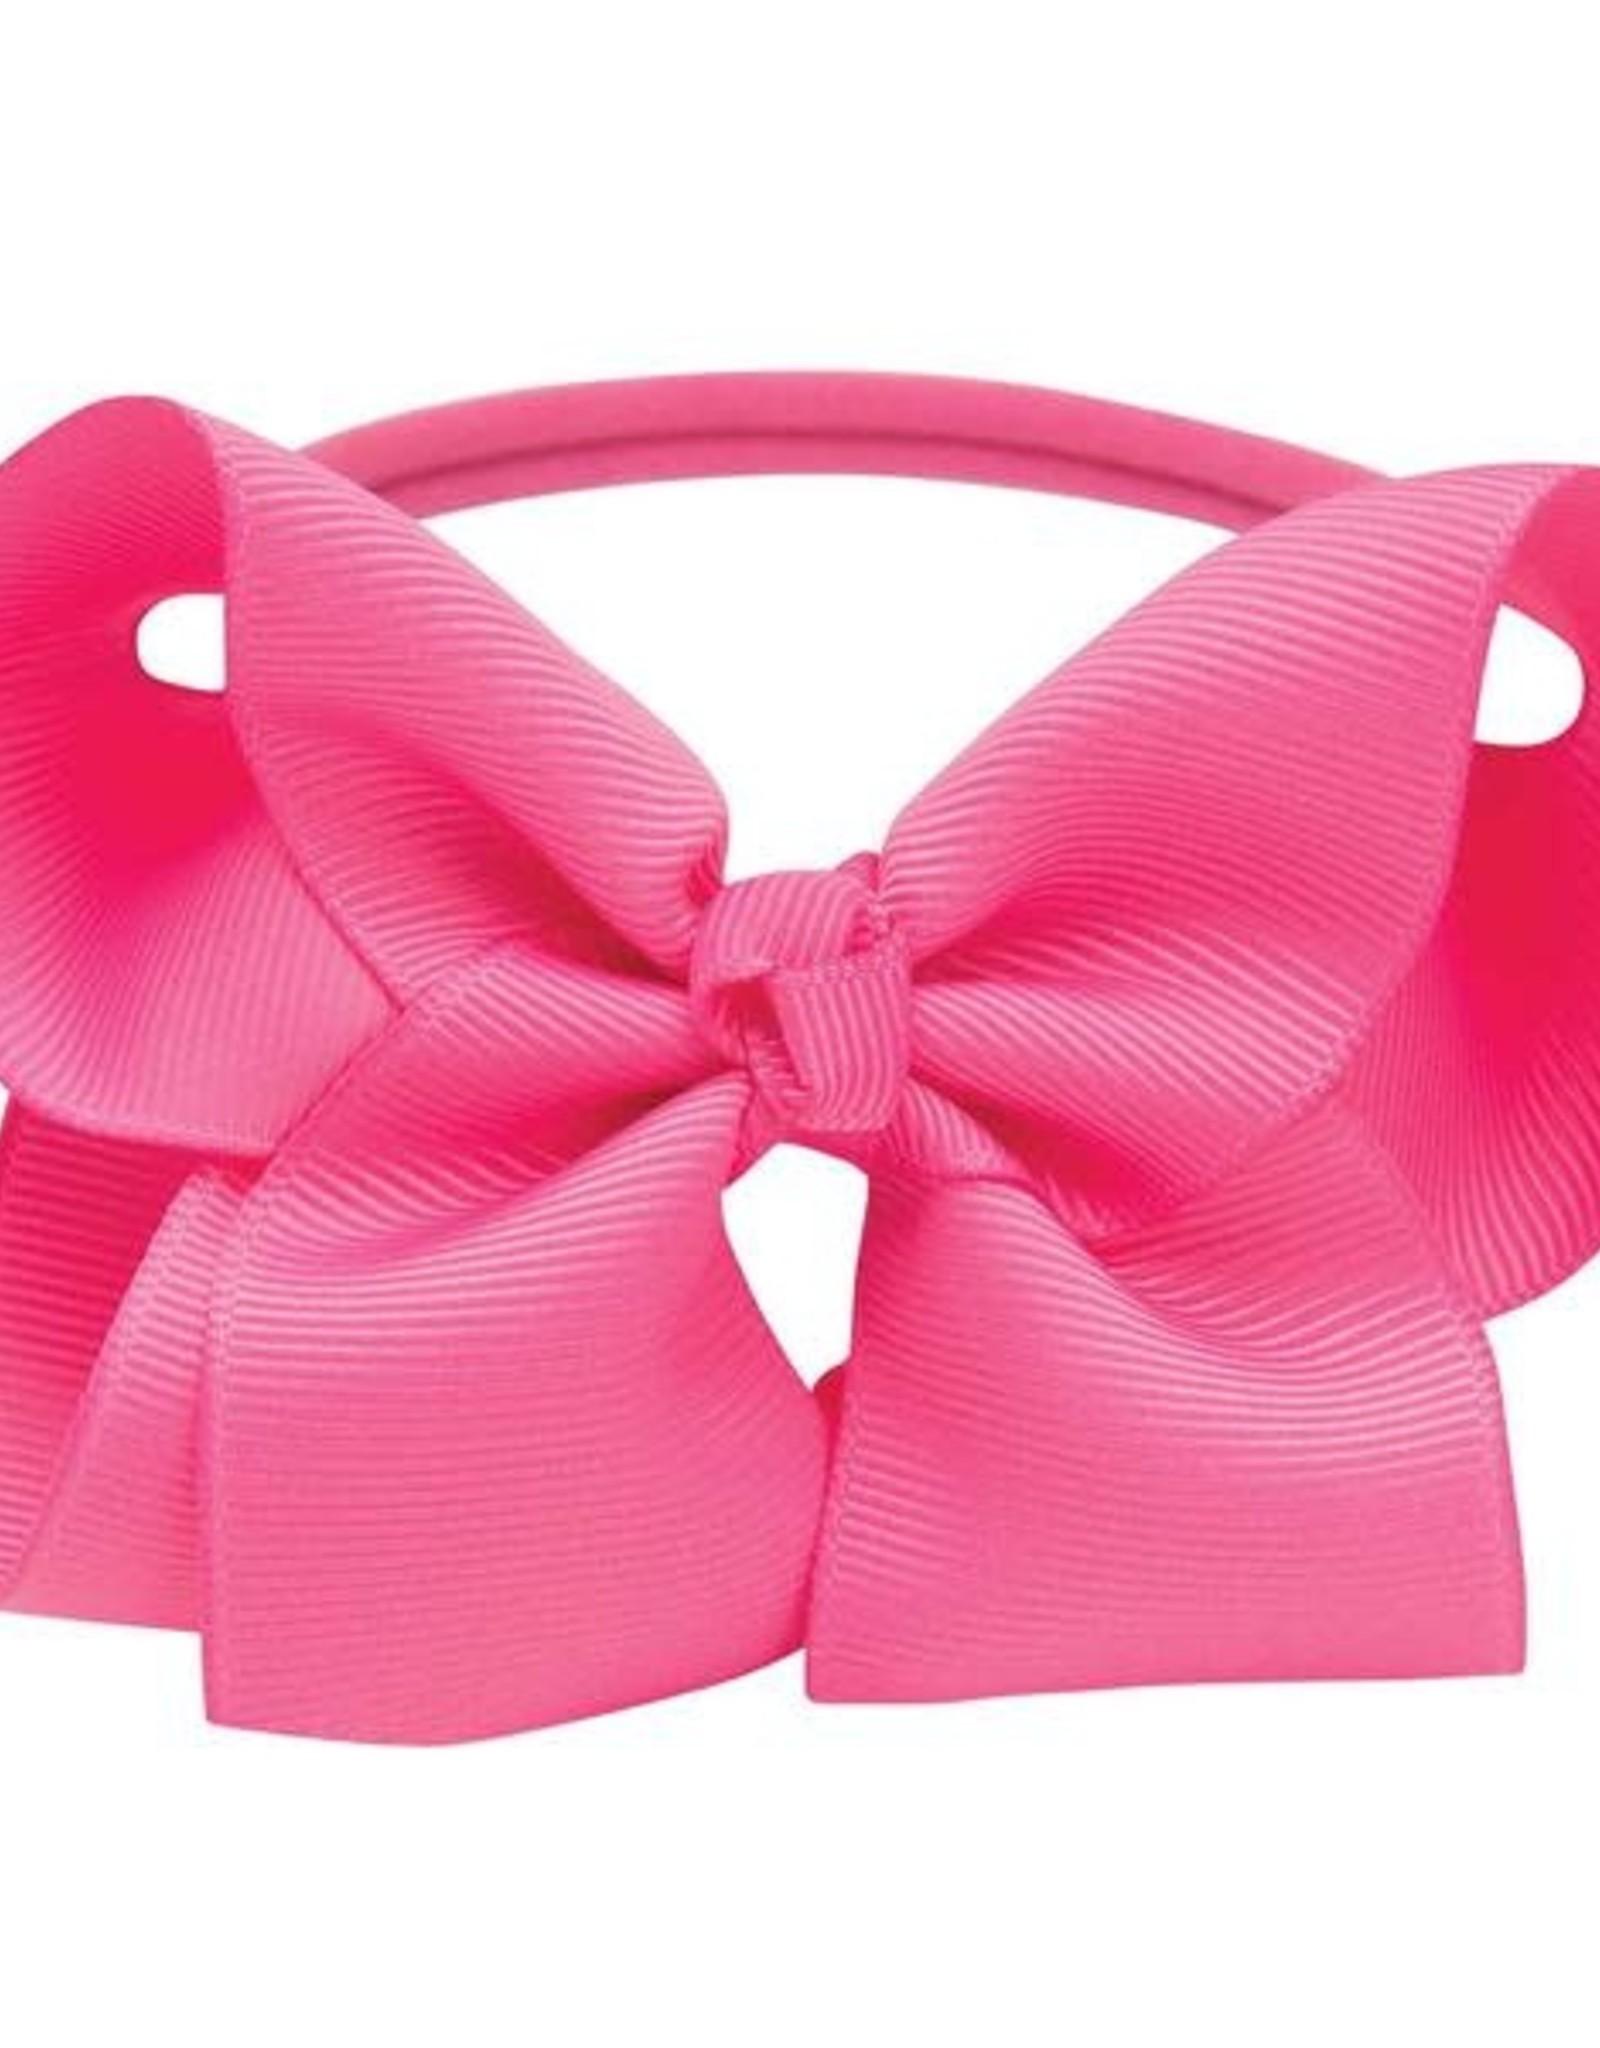 Elegant Baby Med Bow Hot Pink